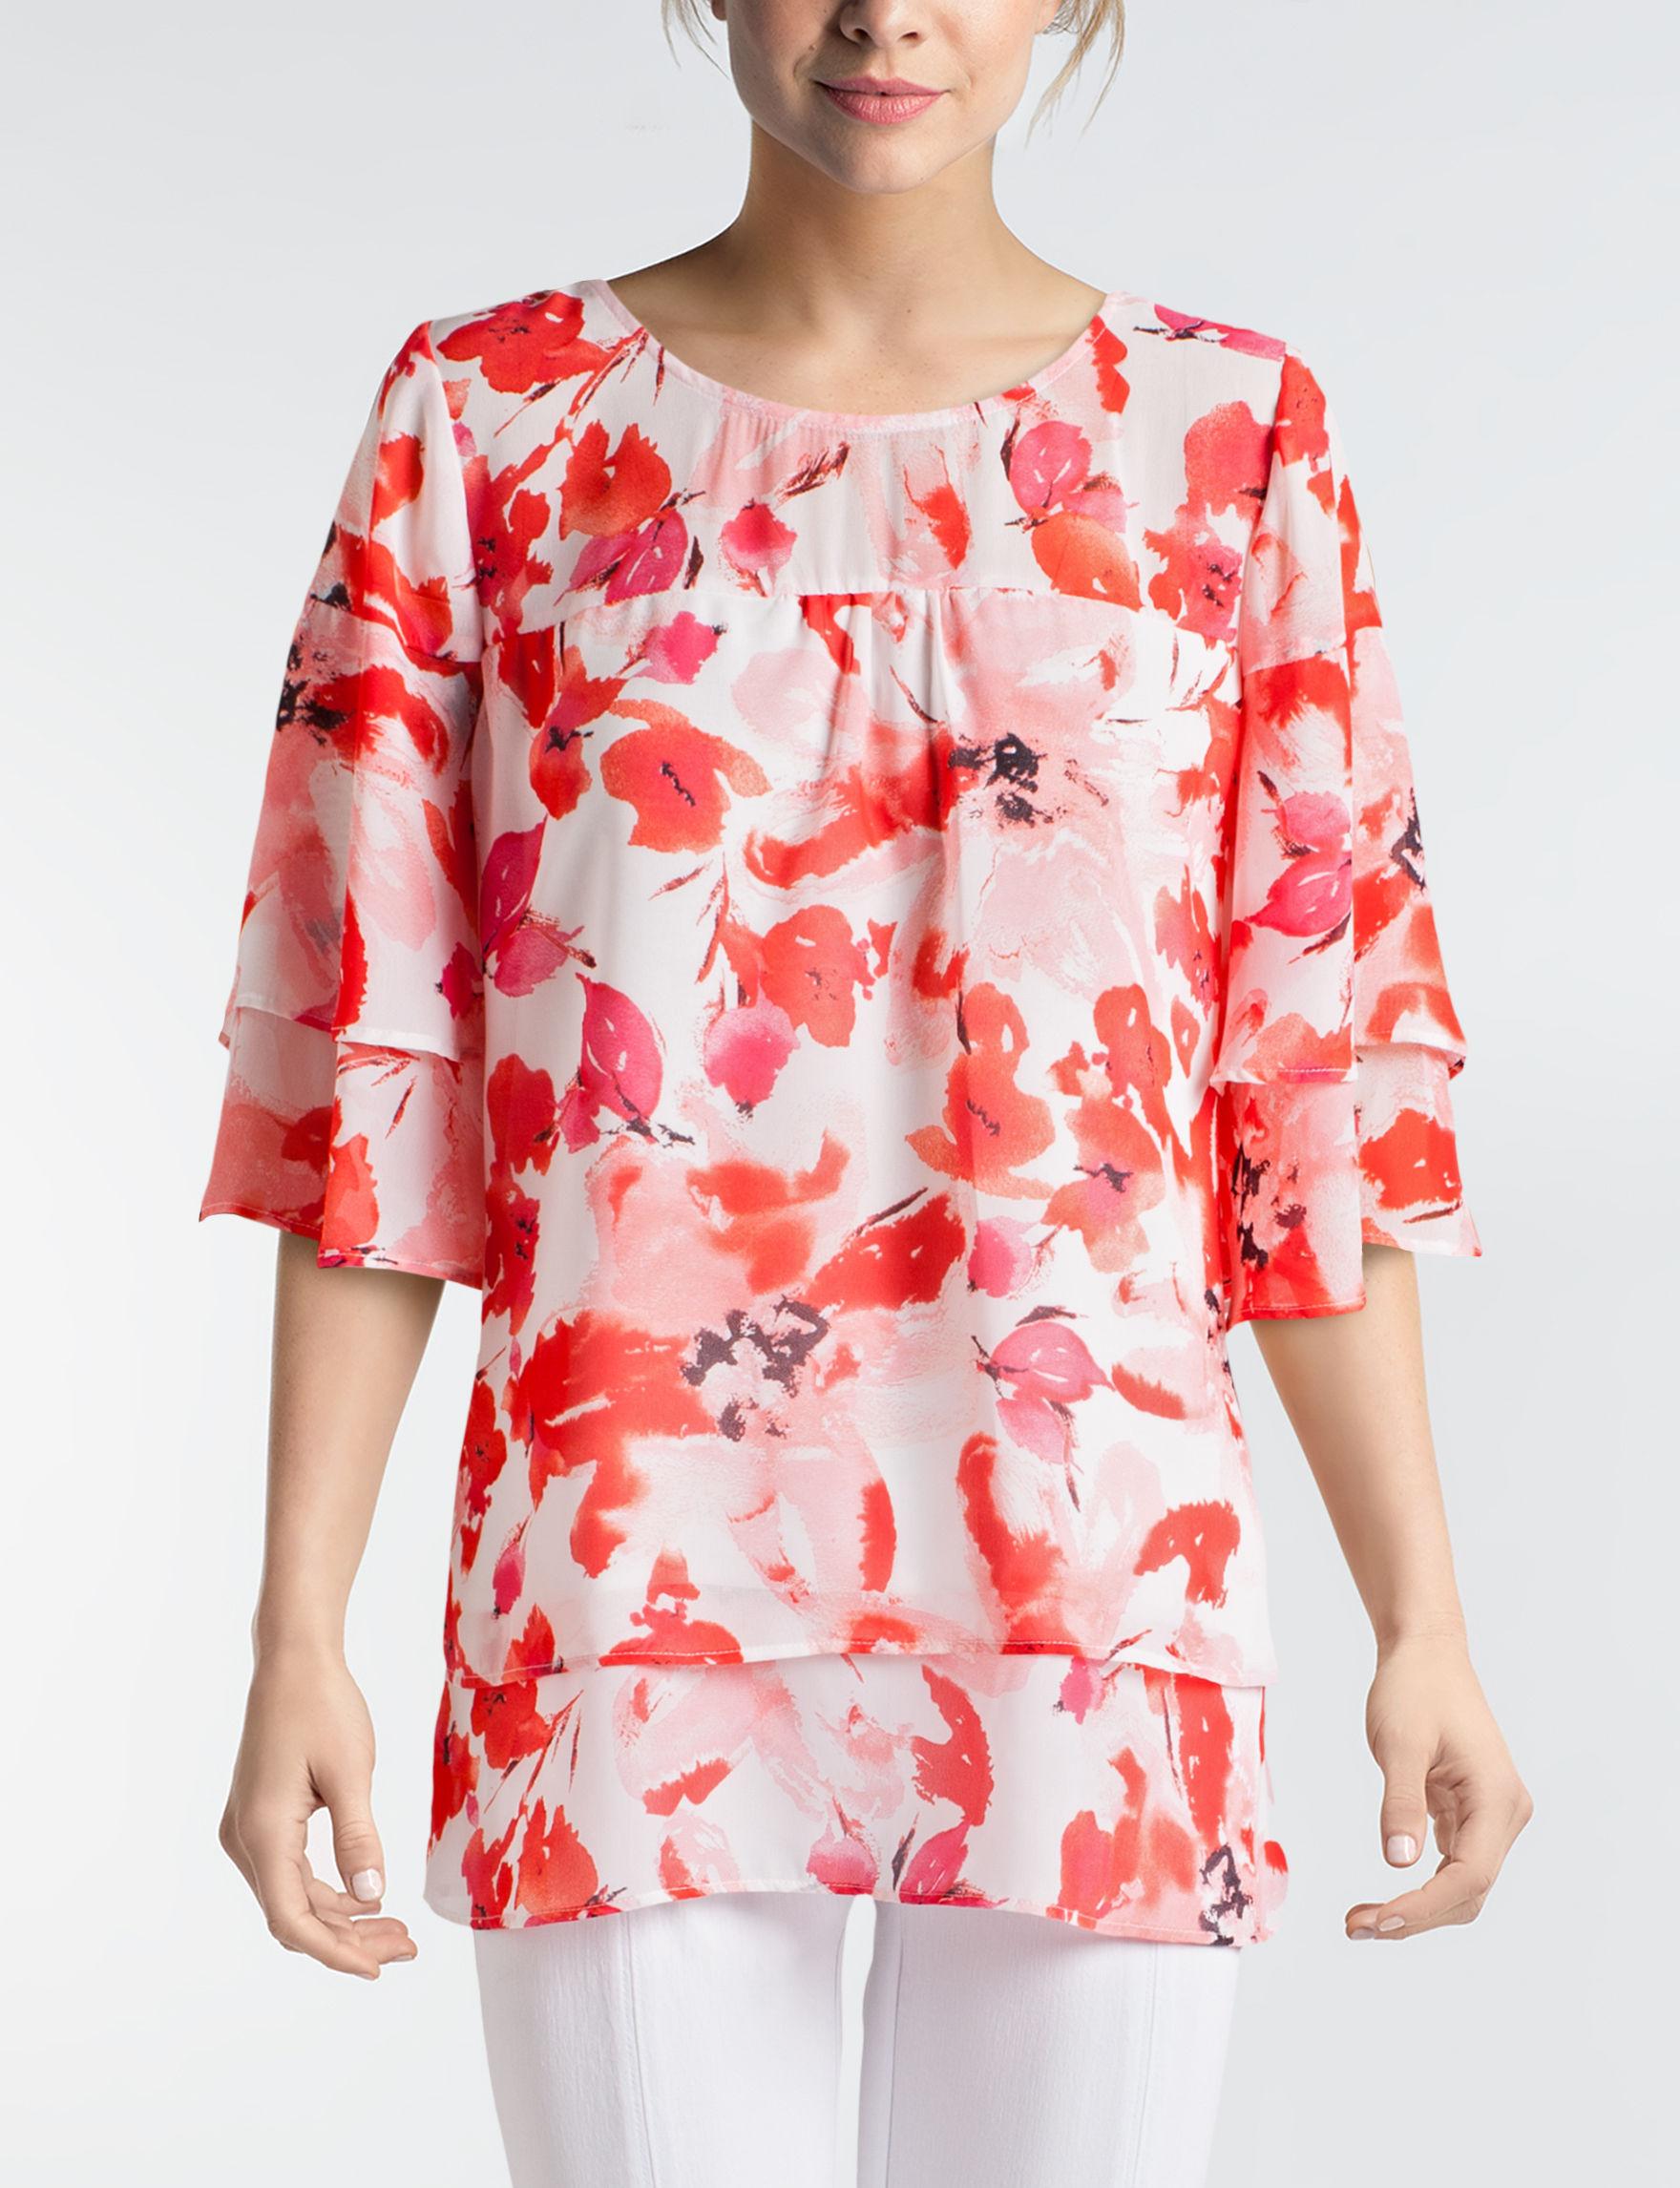 Valerie Stevens Pink Multi Shirts & Blouses